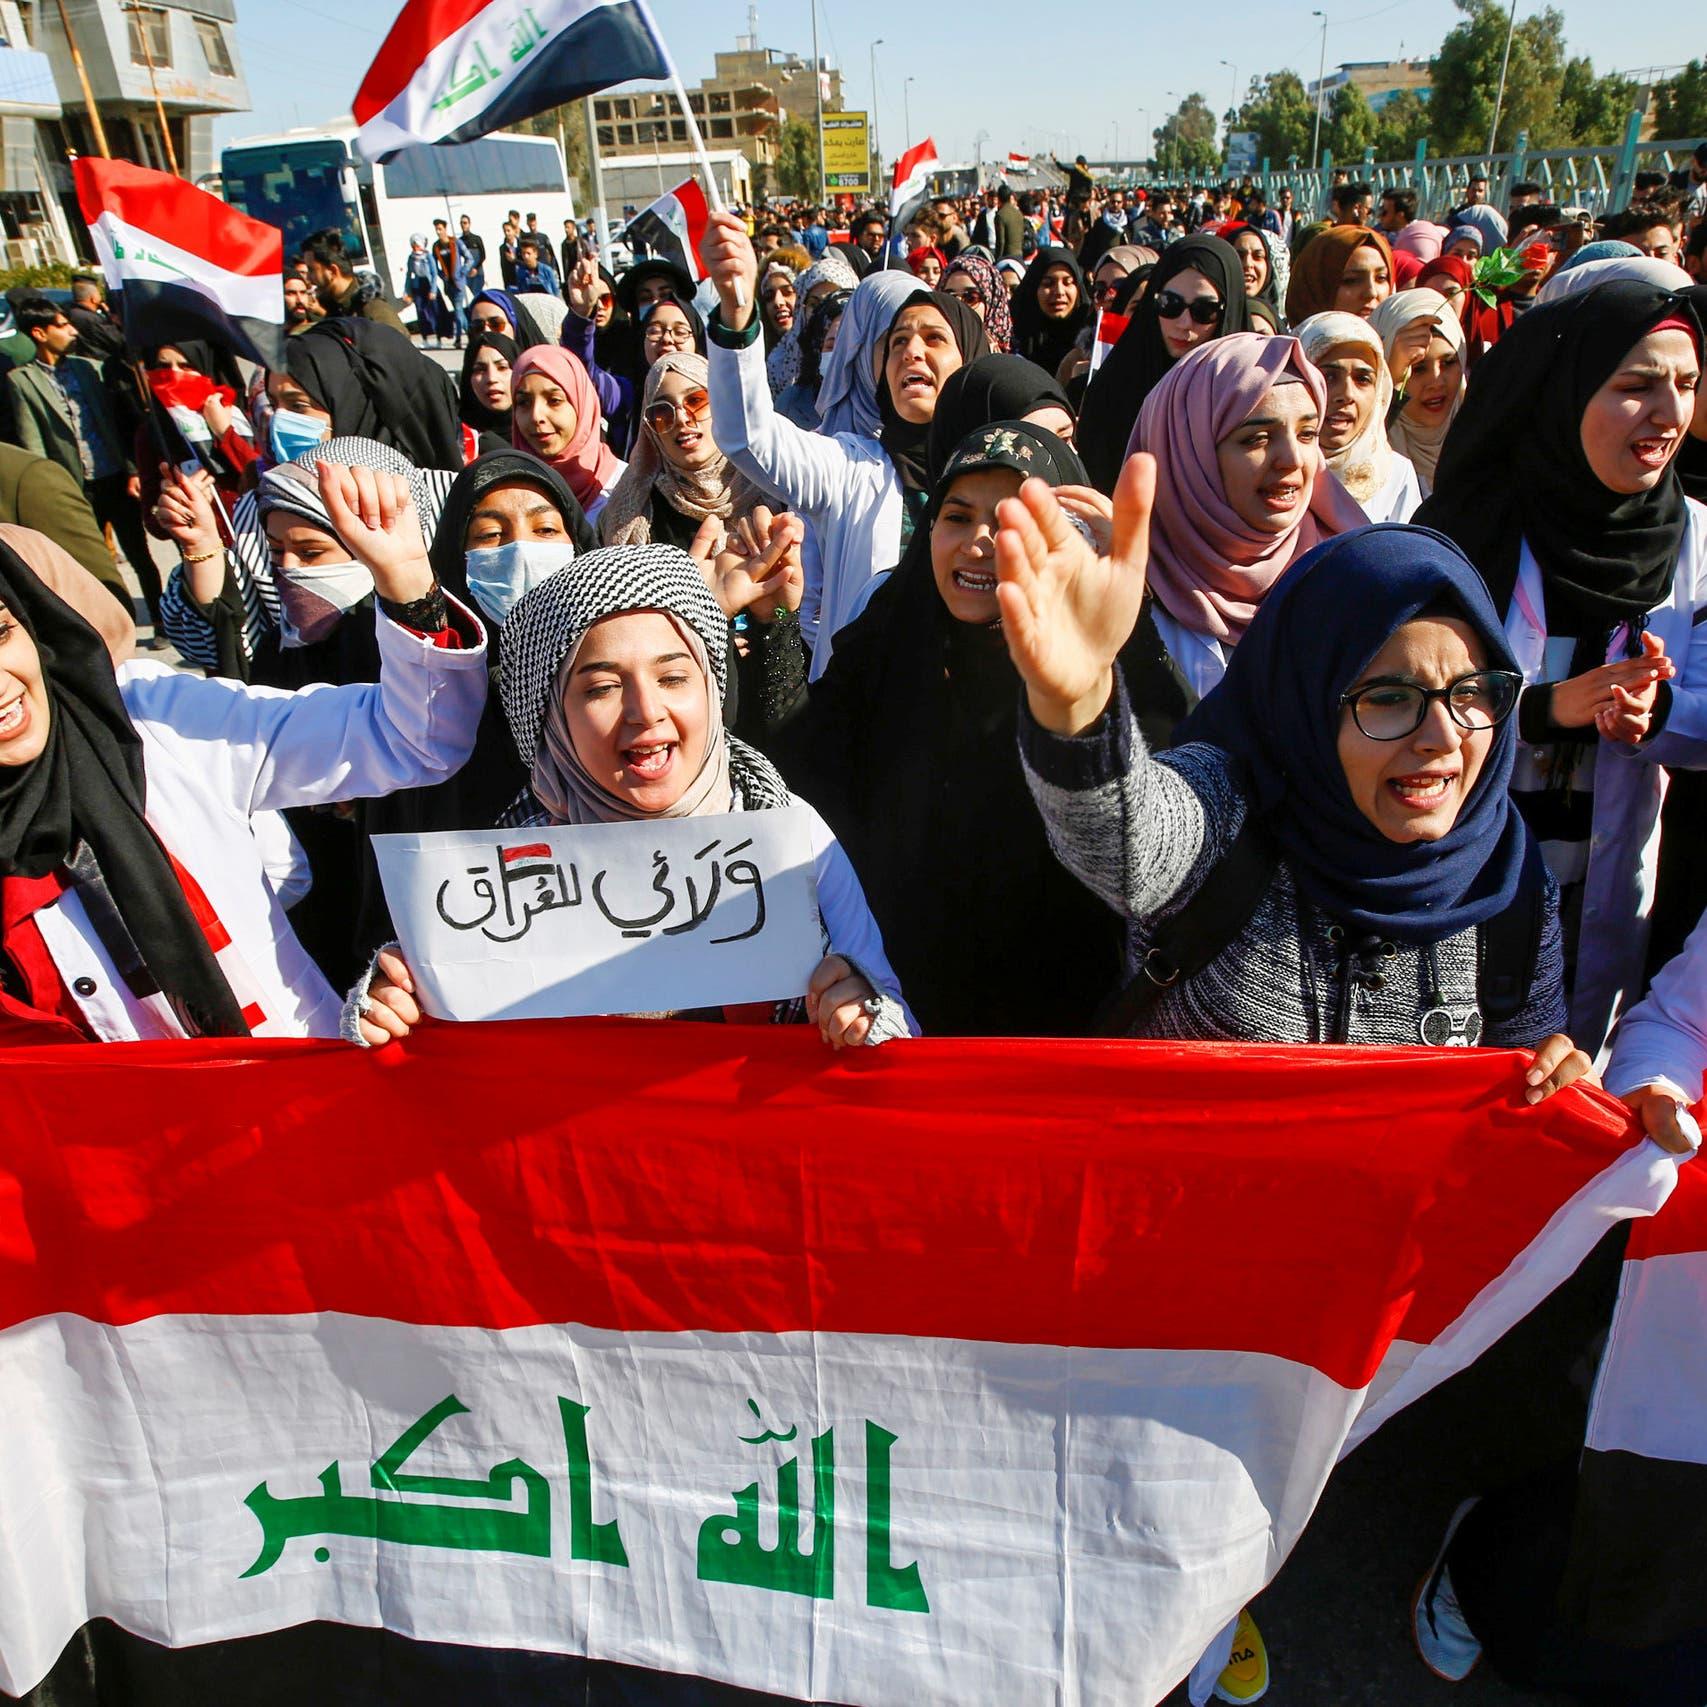 اشتباكات بين المتظاهرين وقوات الأمن في وسط العراق